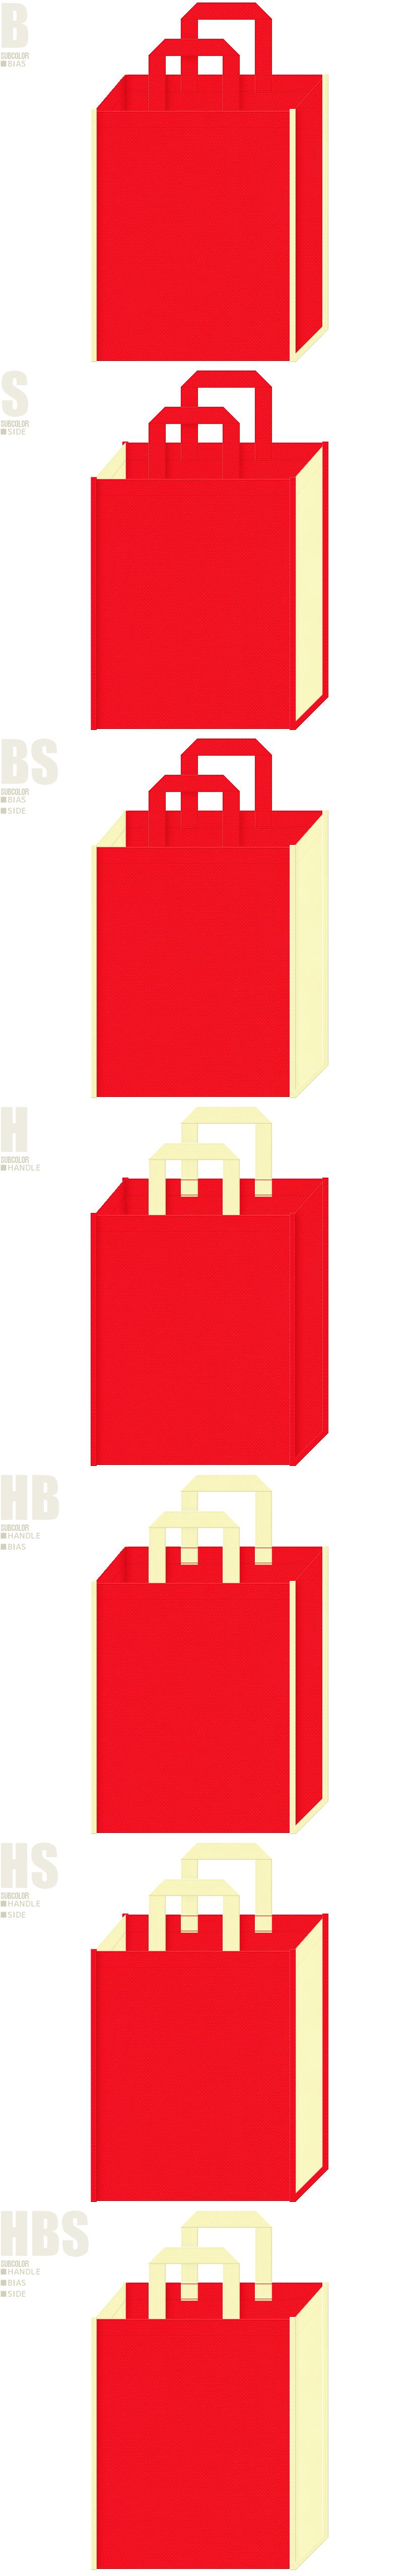 赤色と薄黄色、7パターンの不織布トートバッグ配色デザイン例。雛人形・ひな祭りのバッグノベルティにお奨めです。